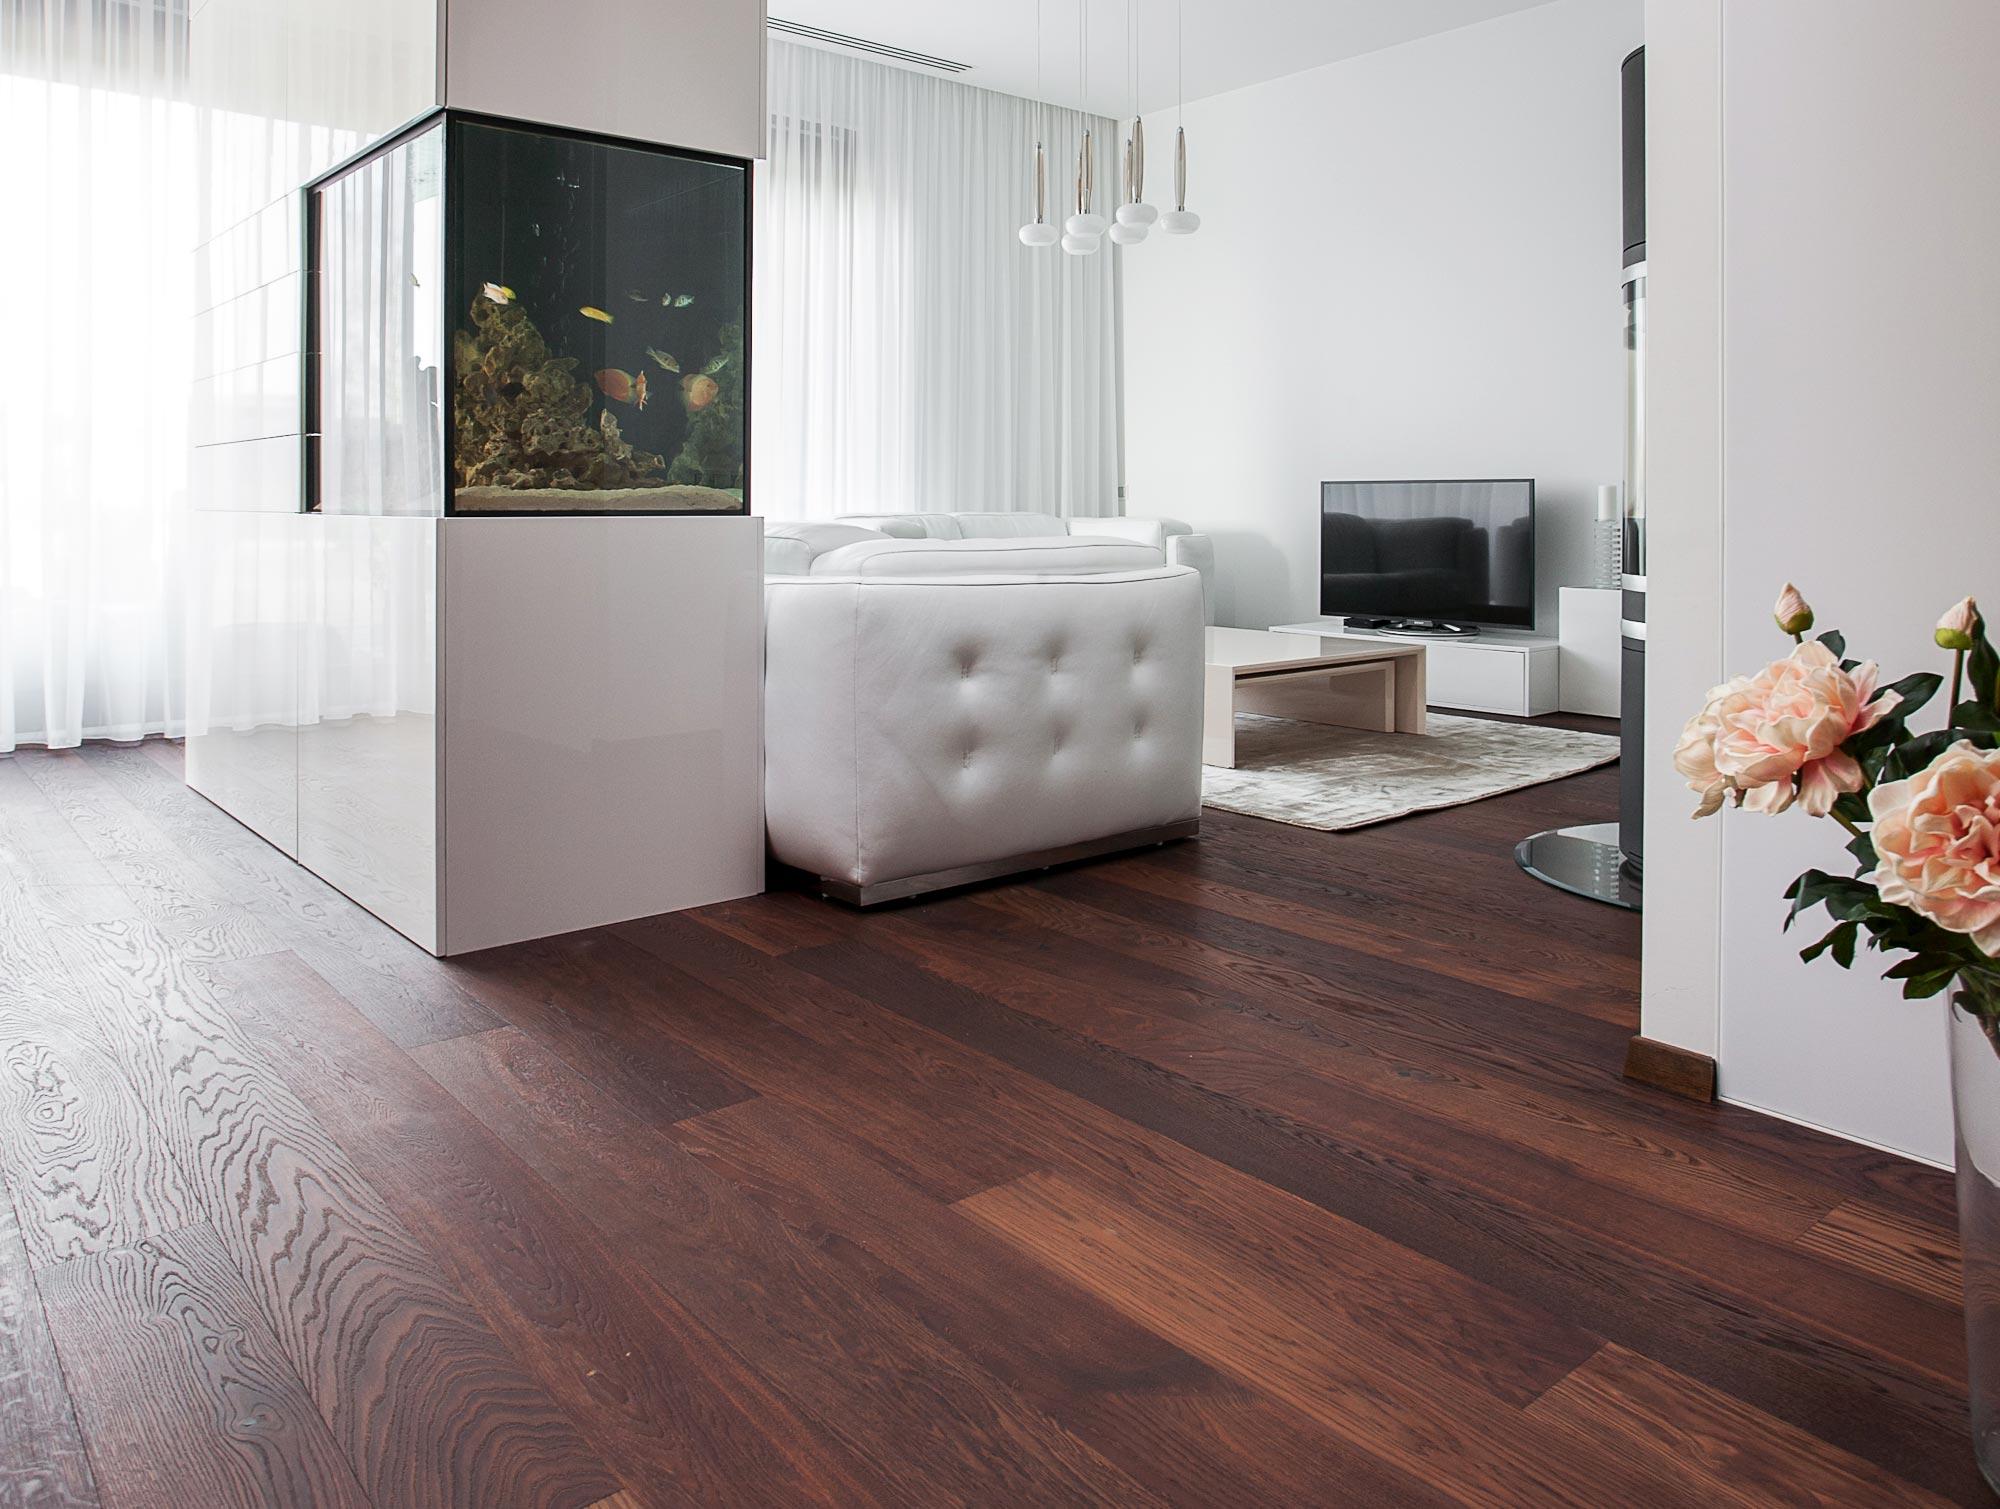 Bamboo Floor Bathroom Warm Home Design